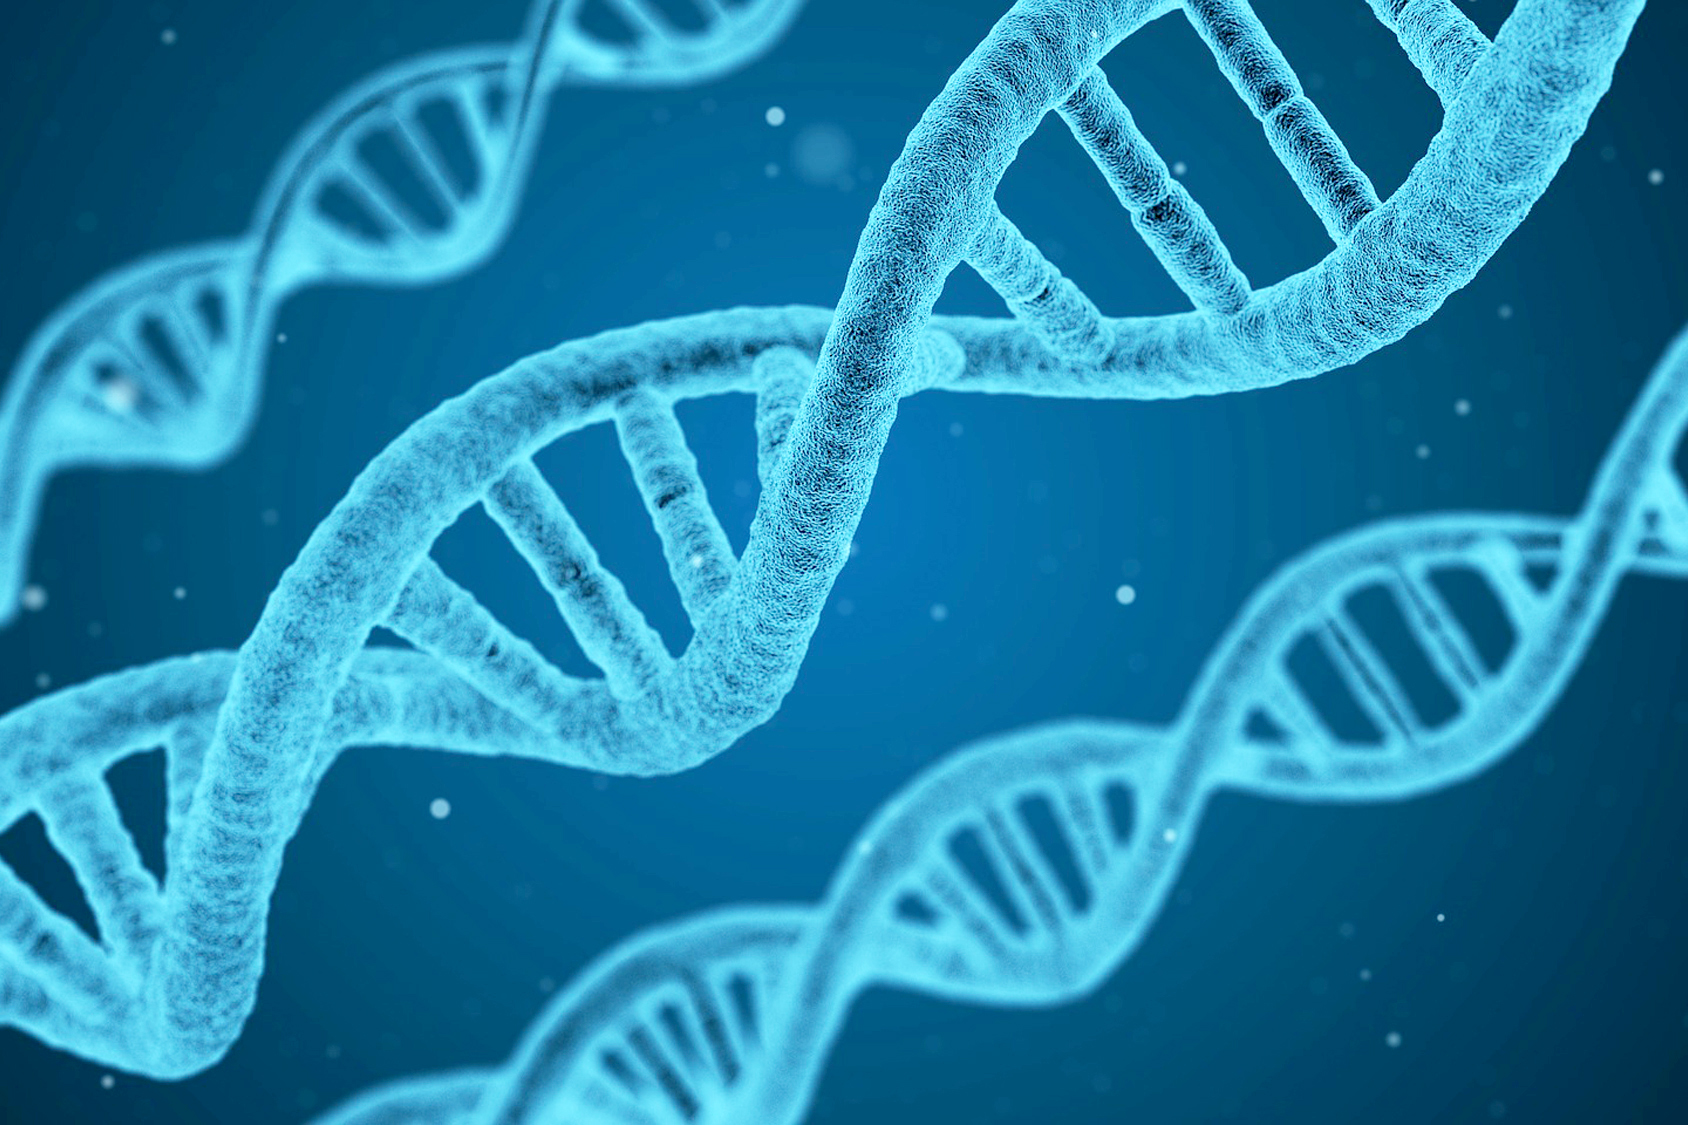 Molecular Biology Technical Resource Center